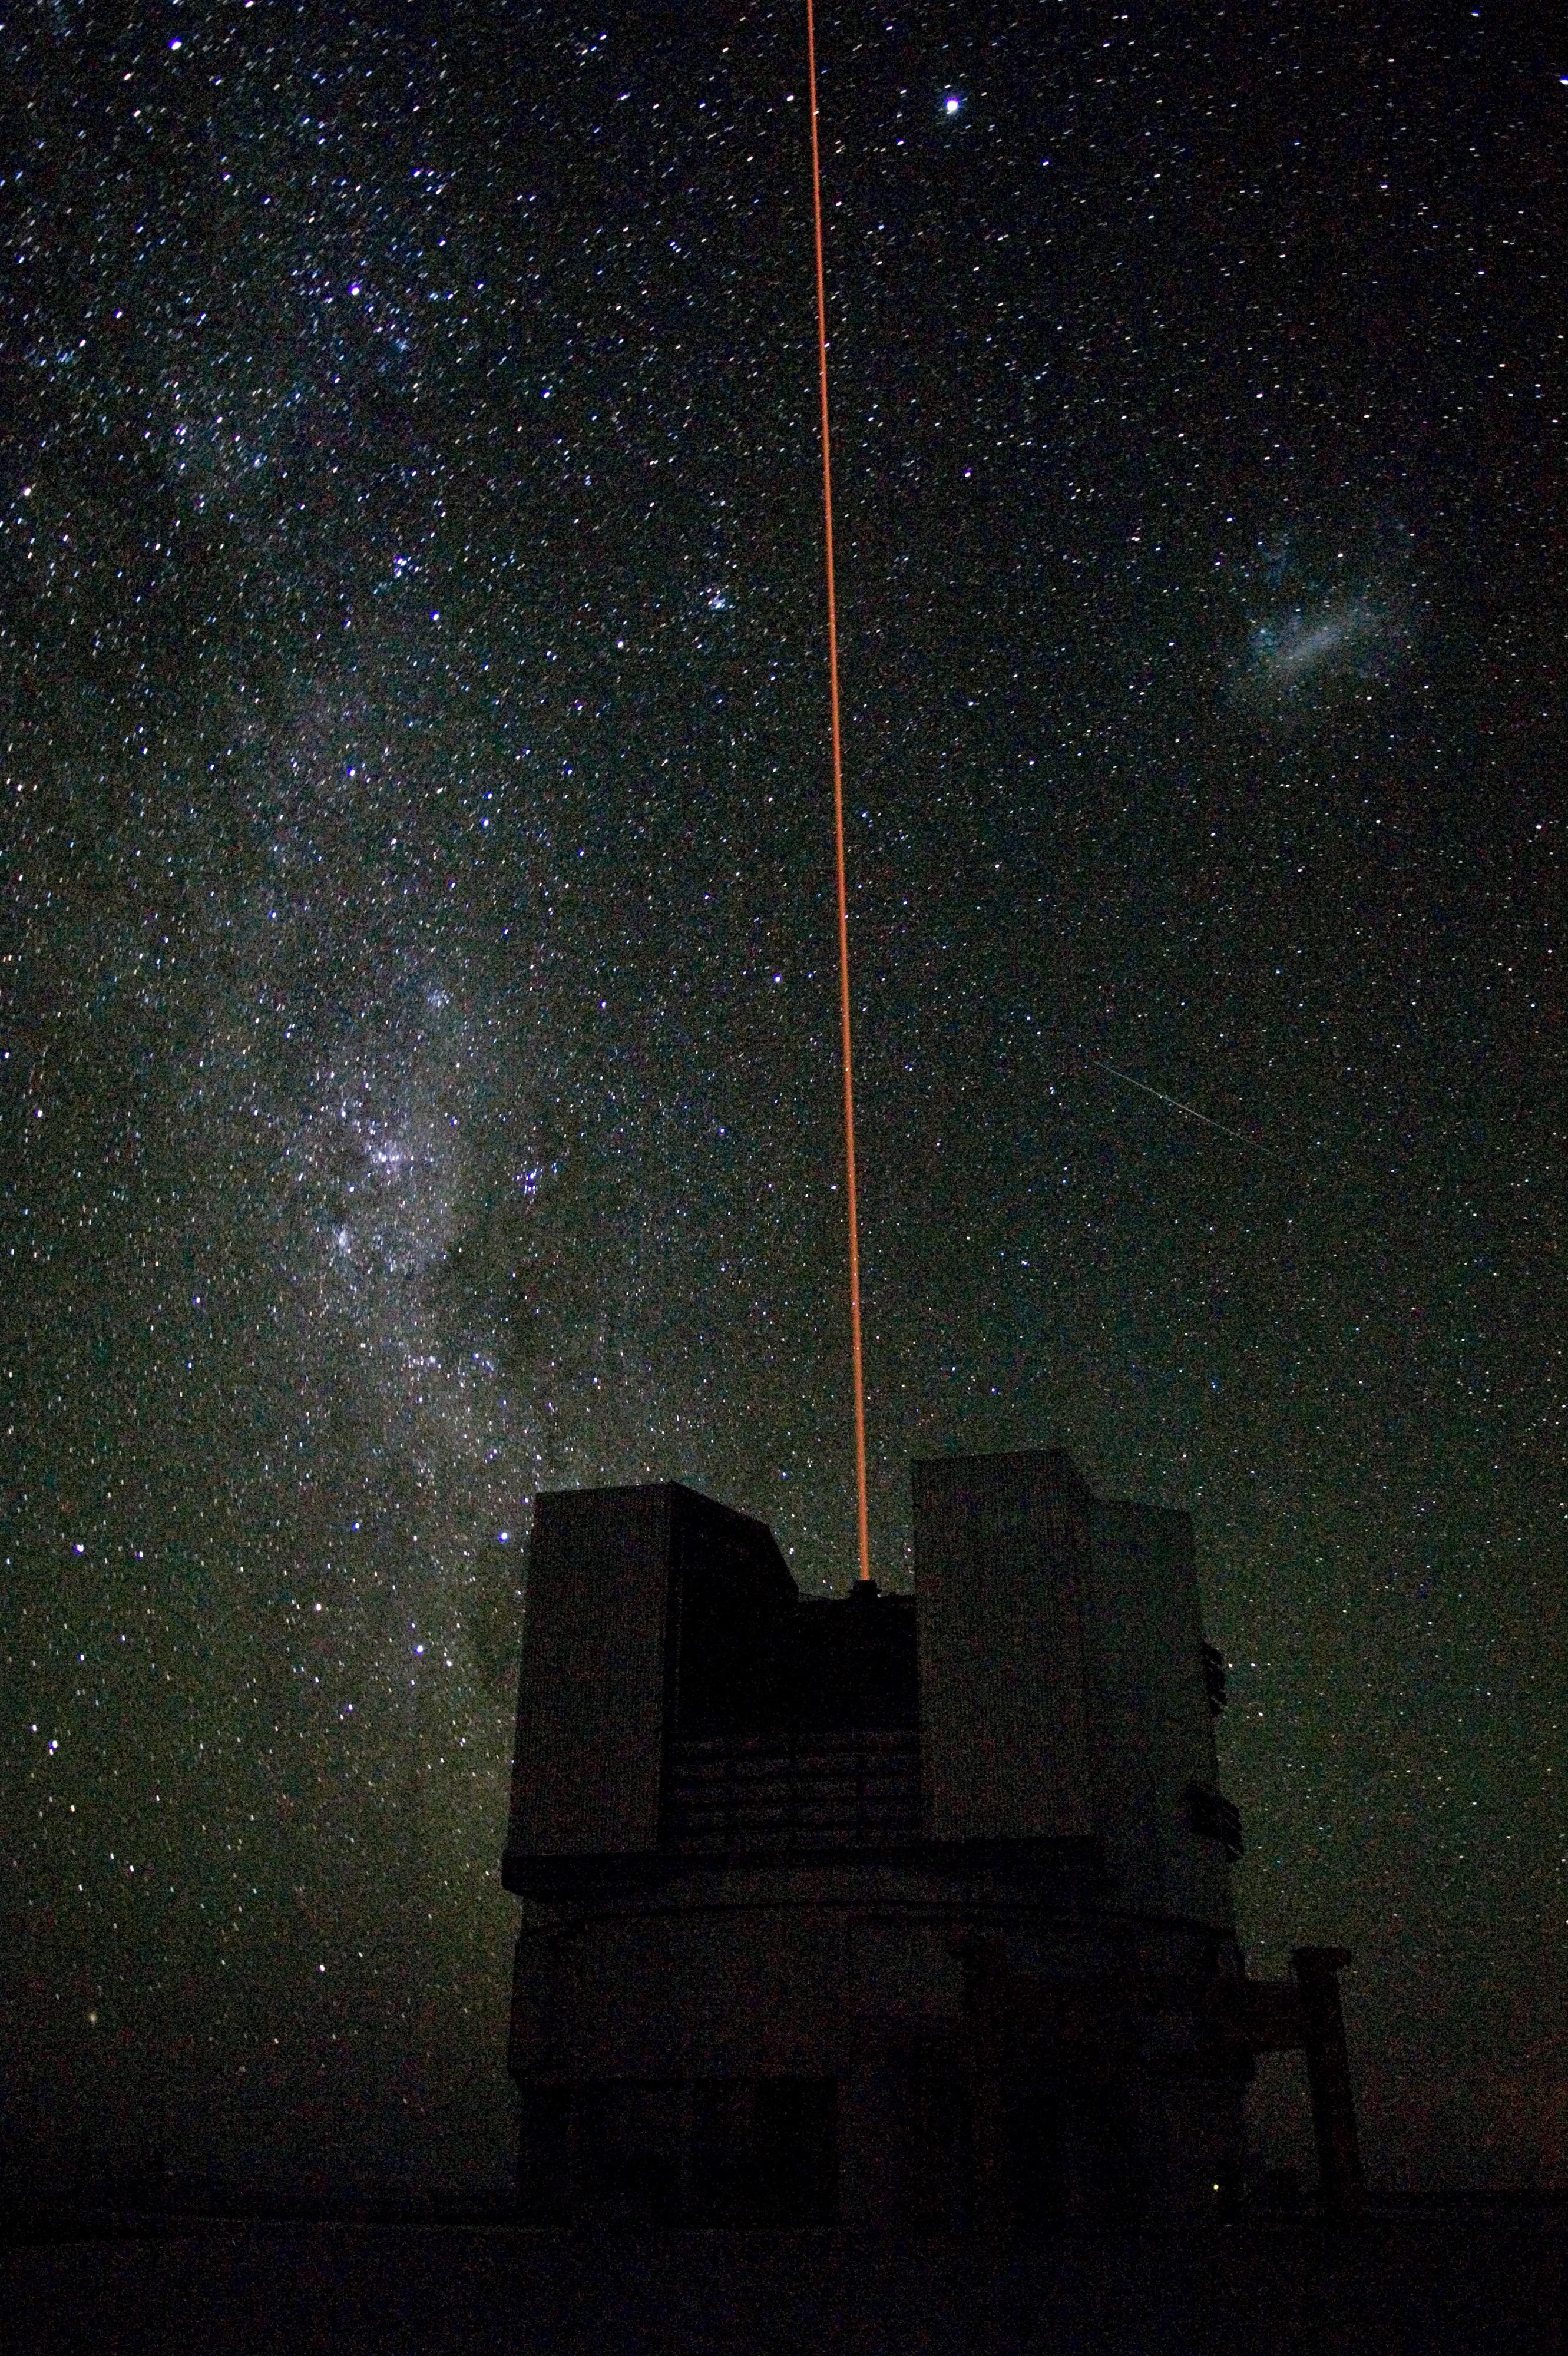 http://upload.wikimedia.org/wikipedia/commons/0/0f/Premiere_etoile_guide_laser_VLT.jpg